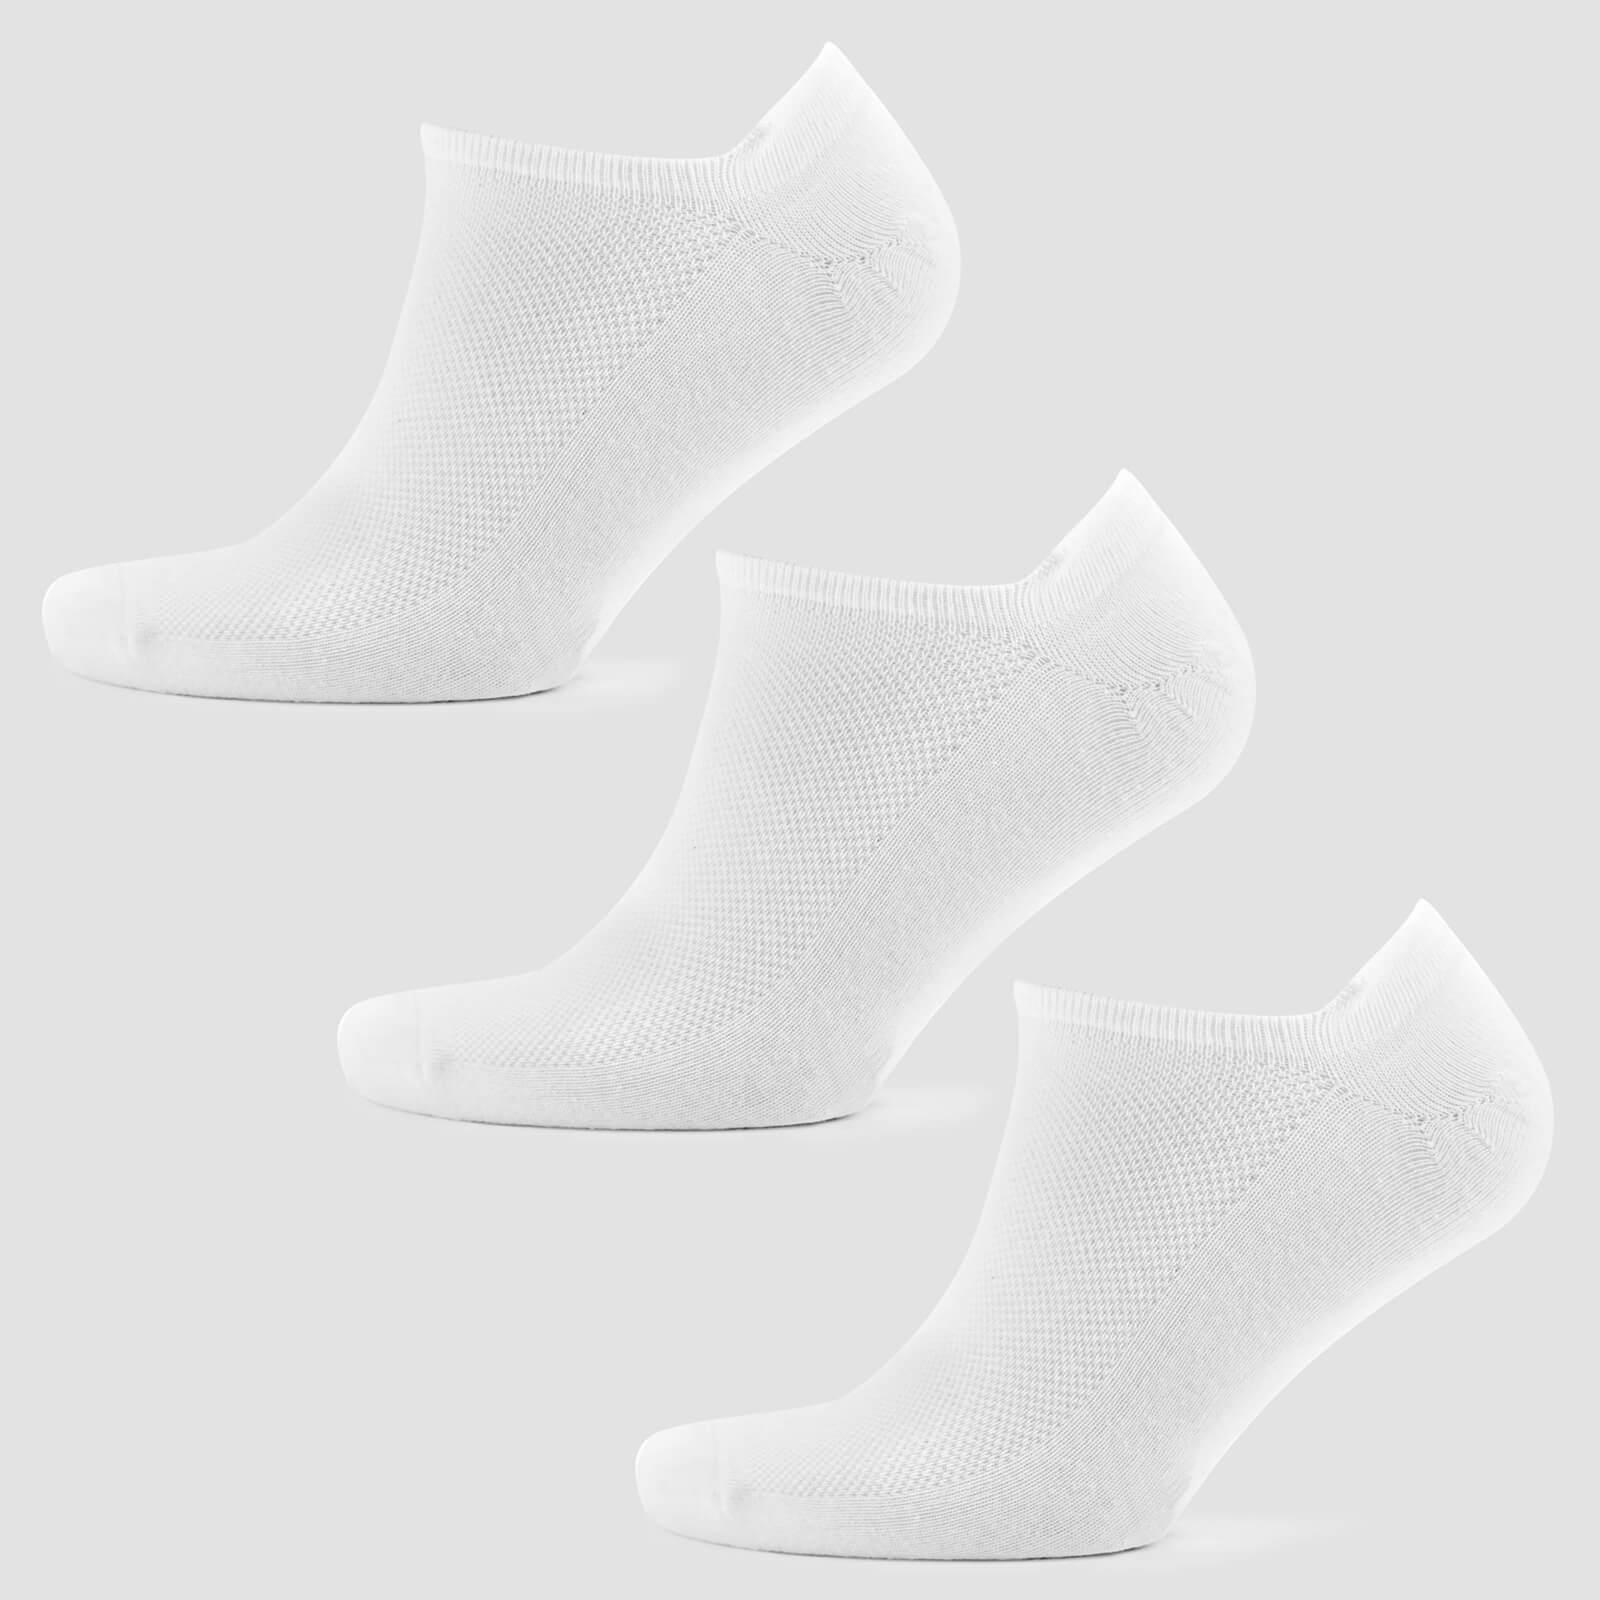 Chaussettes courtes pour homme - Blanches - UK 6-8